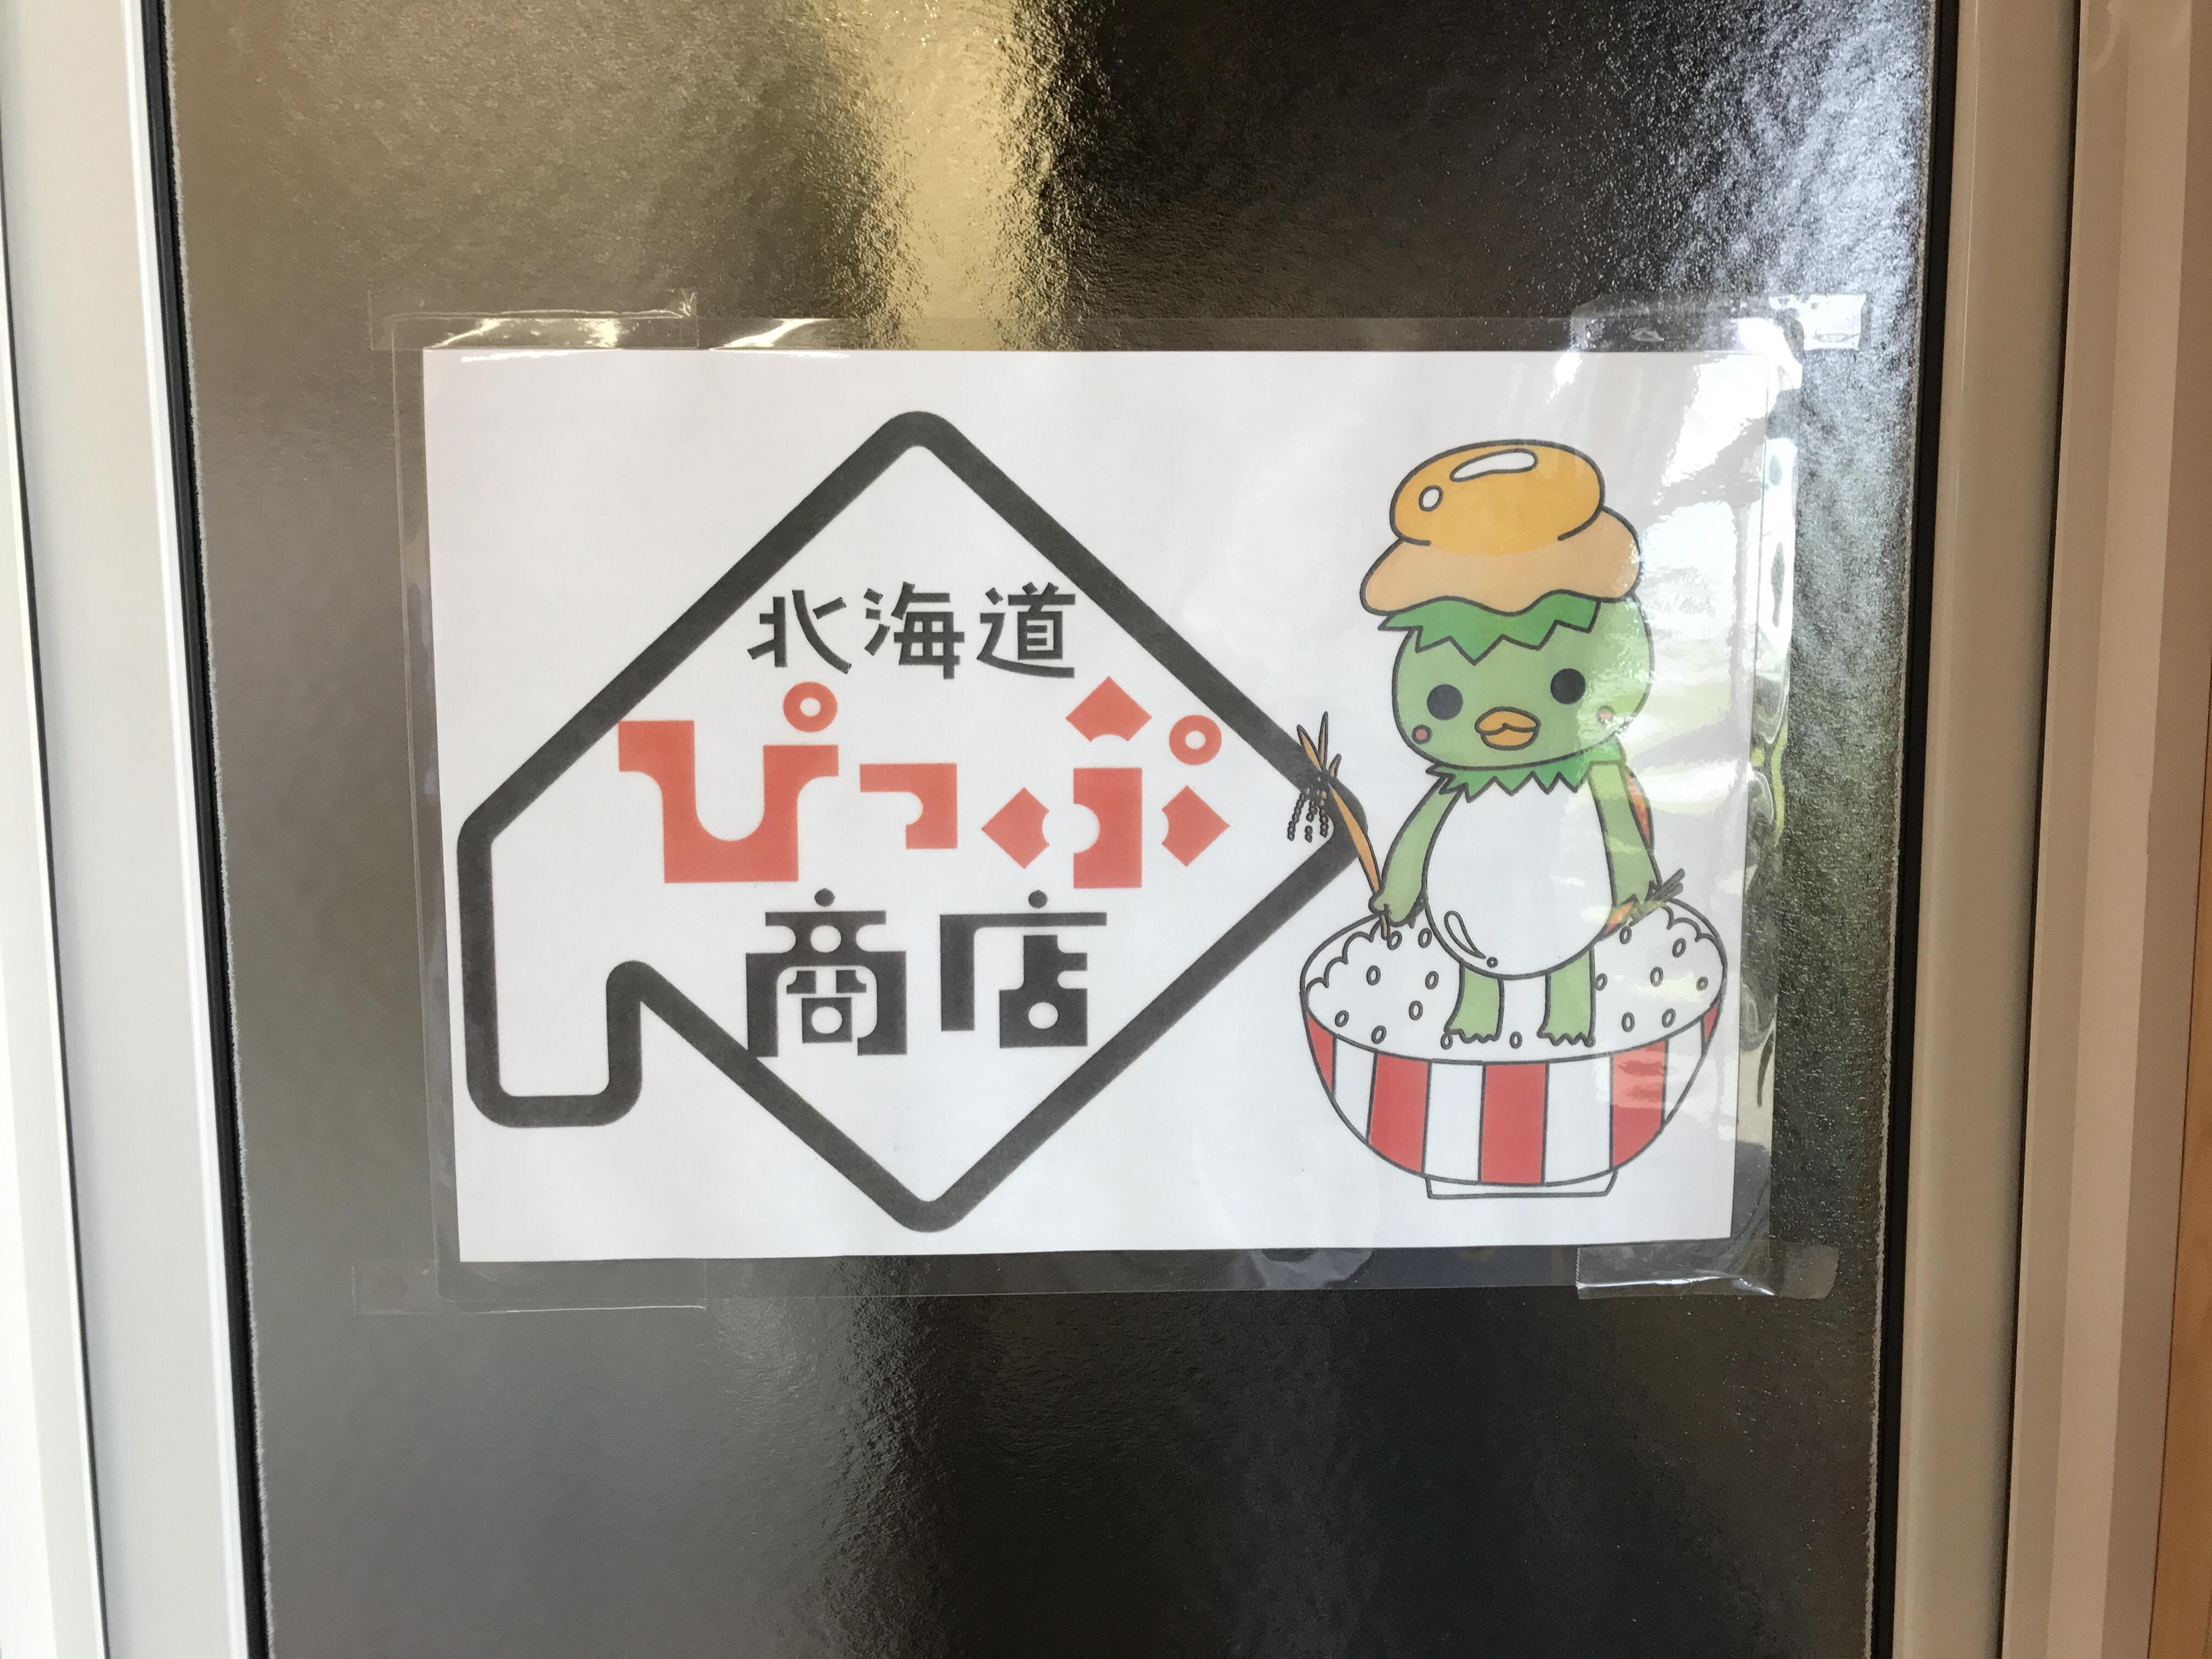 北海道ぴっぷ商店のロゴ